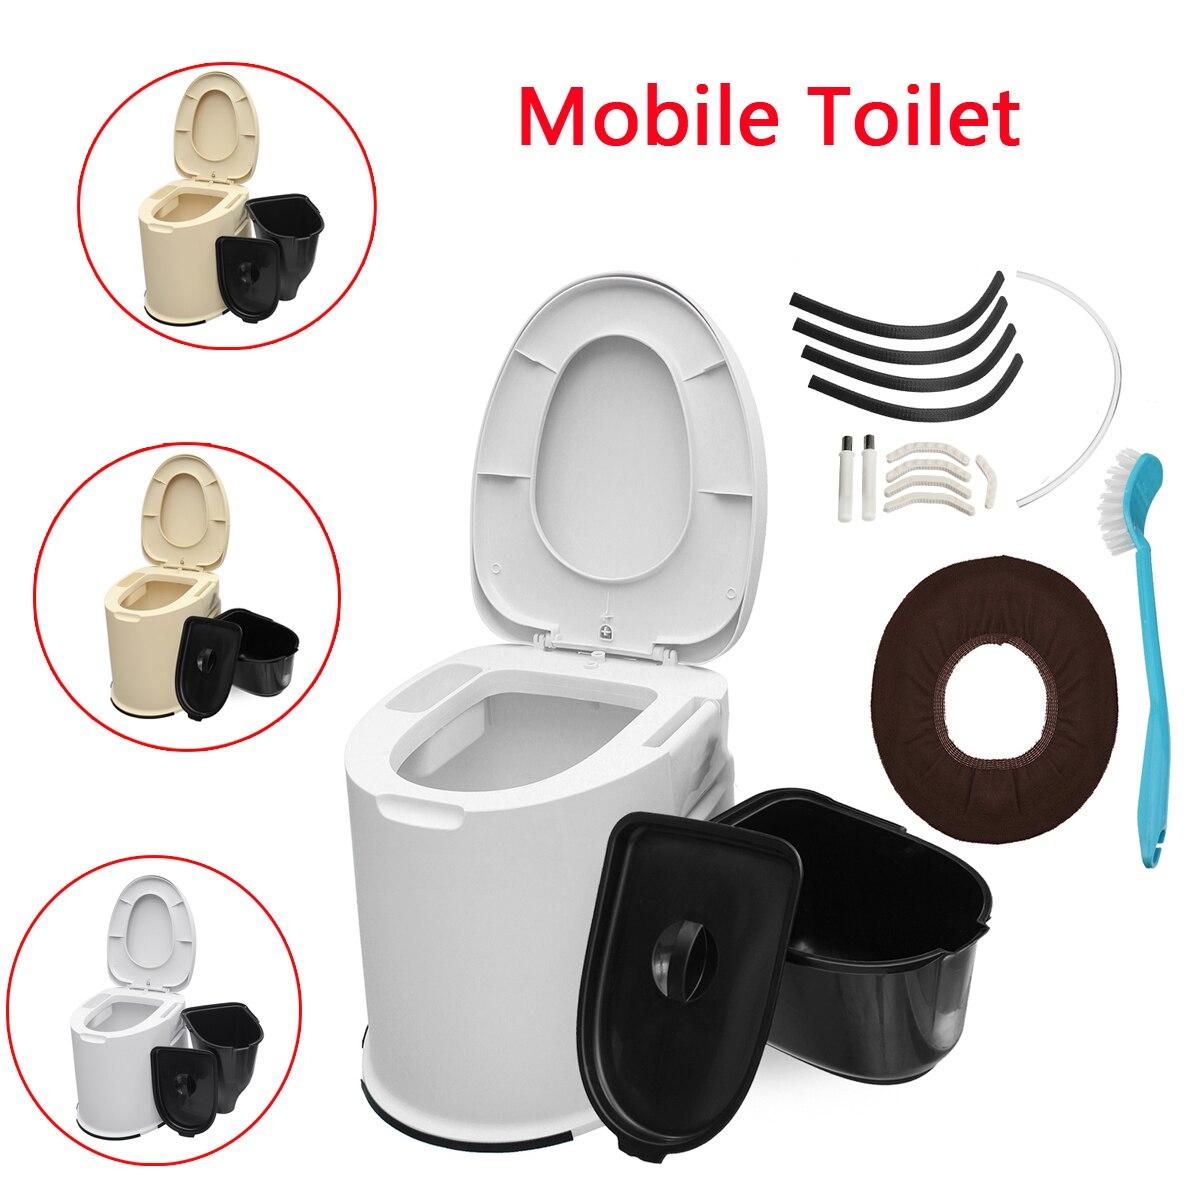 Wc portatile 12L Capacità Mobile Wc Viaggi di Campeggio Commode Wc Vasino Esterna Compatta Loo Urine Dispositivo